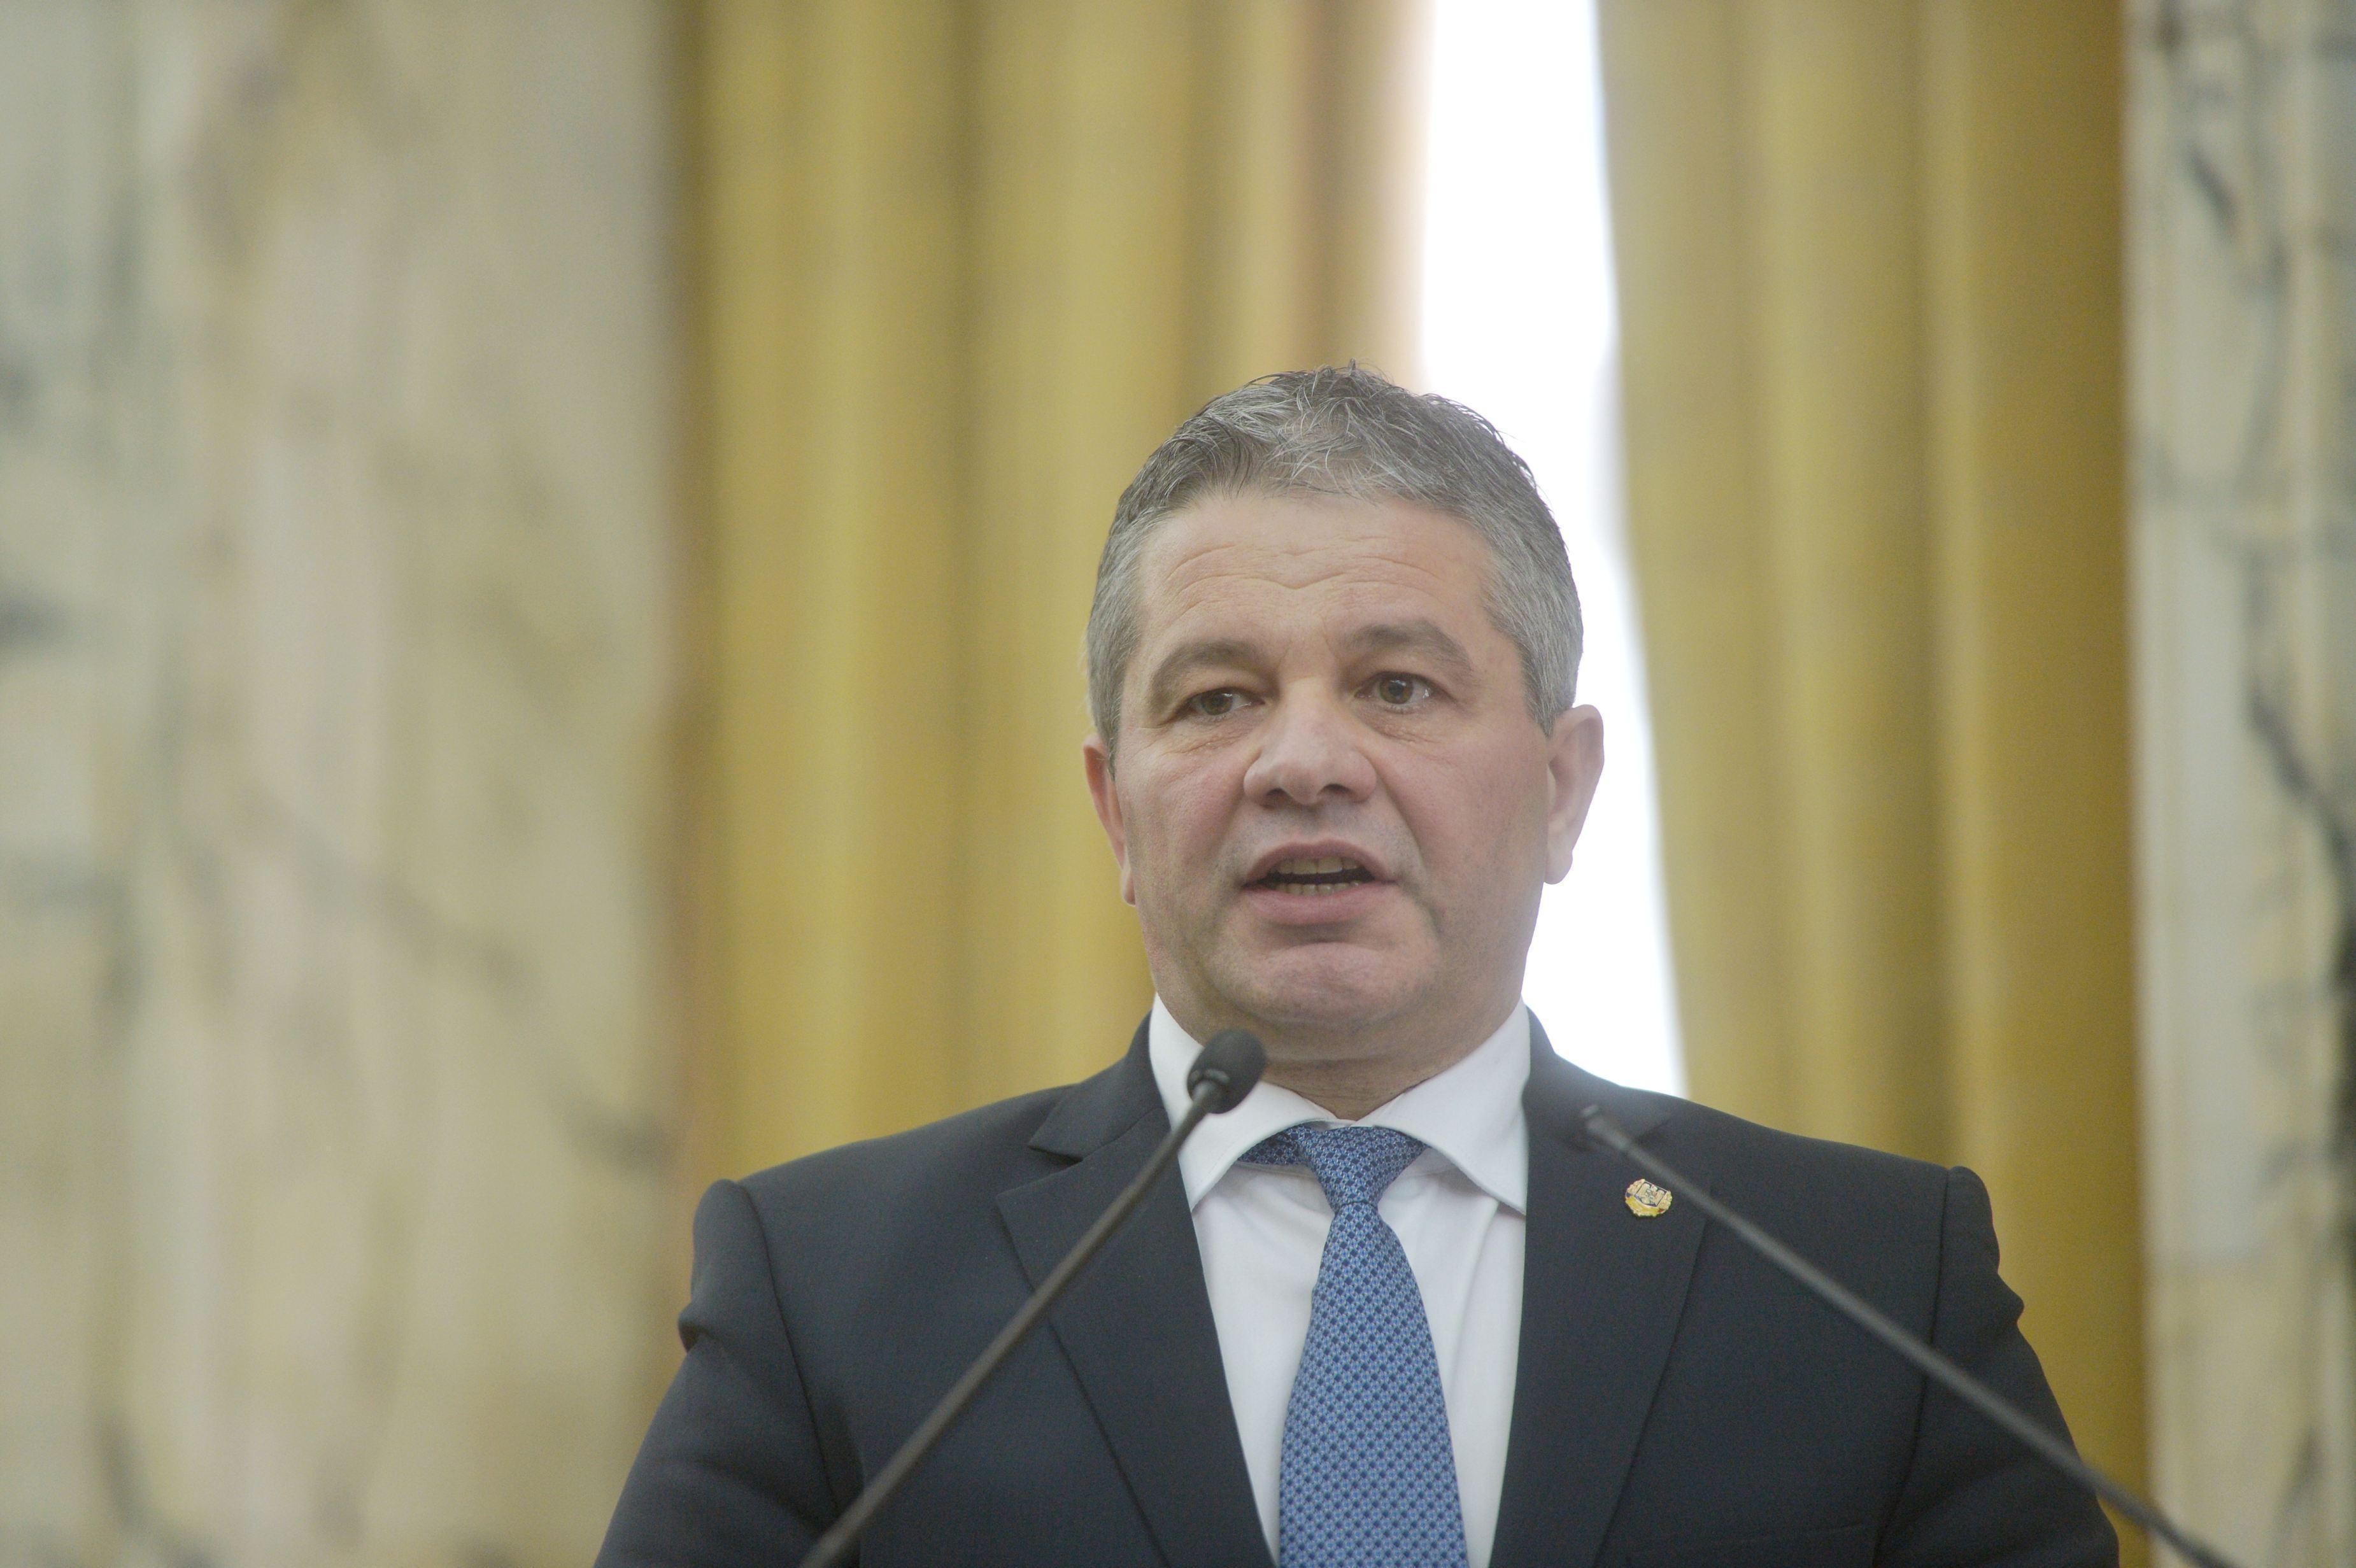 Fostul ministru al Sănătății Florian Bodog, trimis în judecată pentru abuz în serviciu